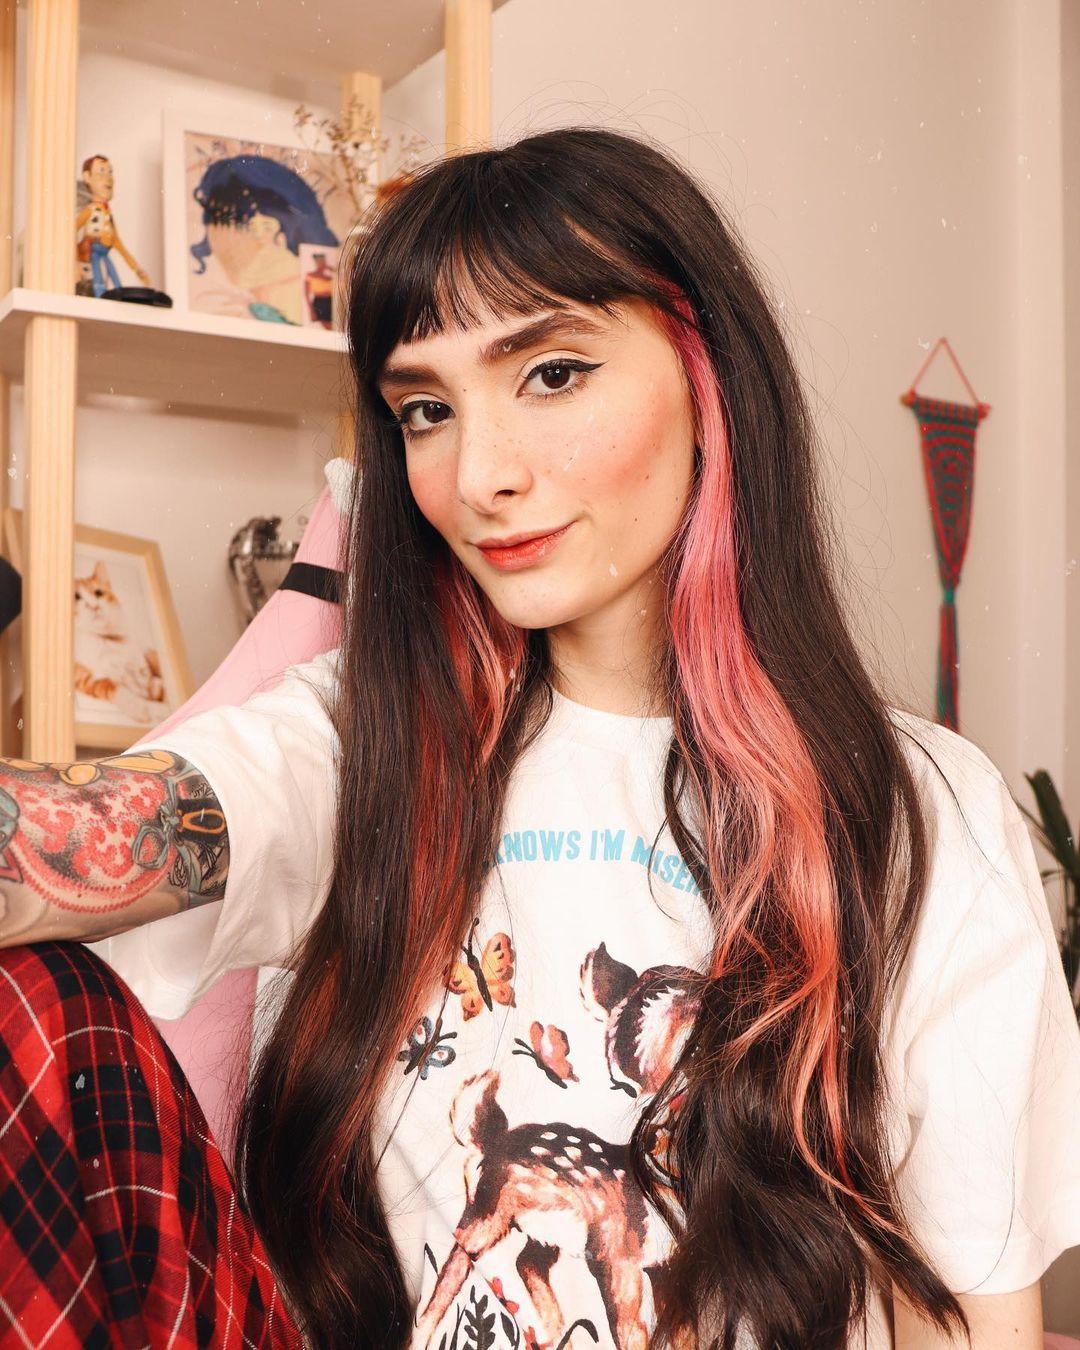 Selfie de uma mulher. Ela está vestindo uma camiseta branca com estampa de borboleta, calça com estampa xadrez preta e vermelha, cabelo preto com franja solto e com mechas laterais na cor rosa pastel. A mulher sorri para a câmera.